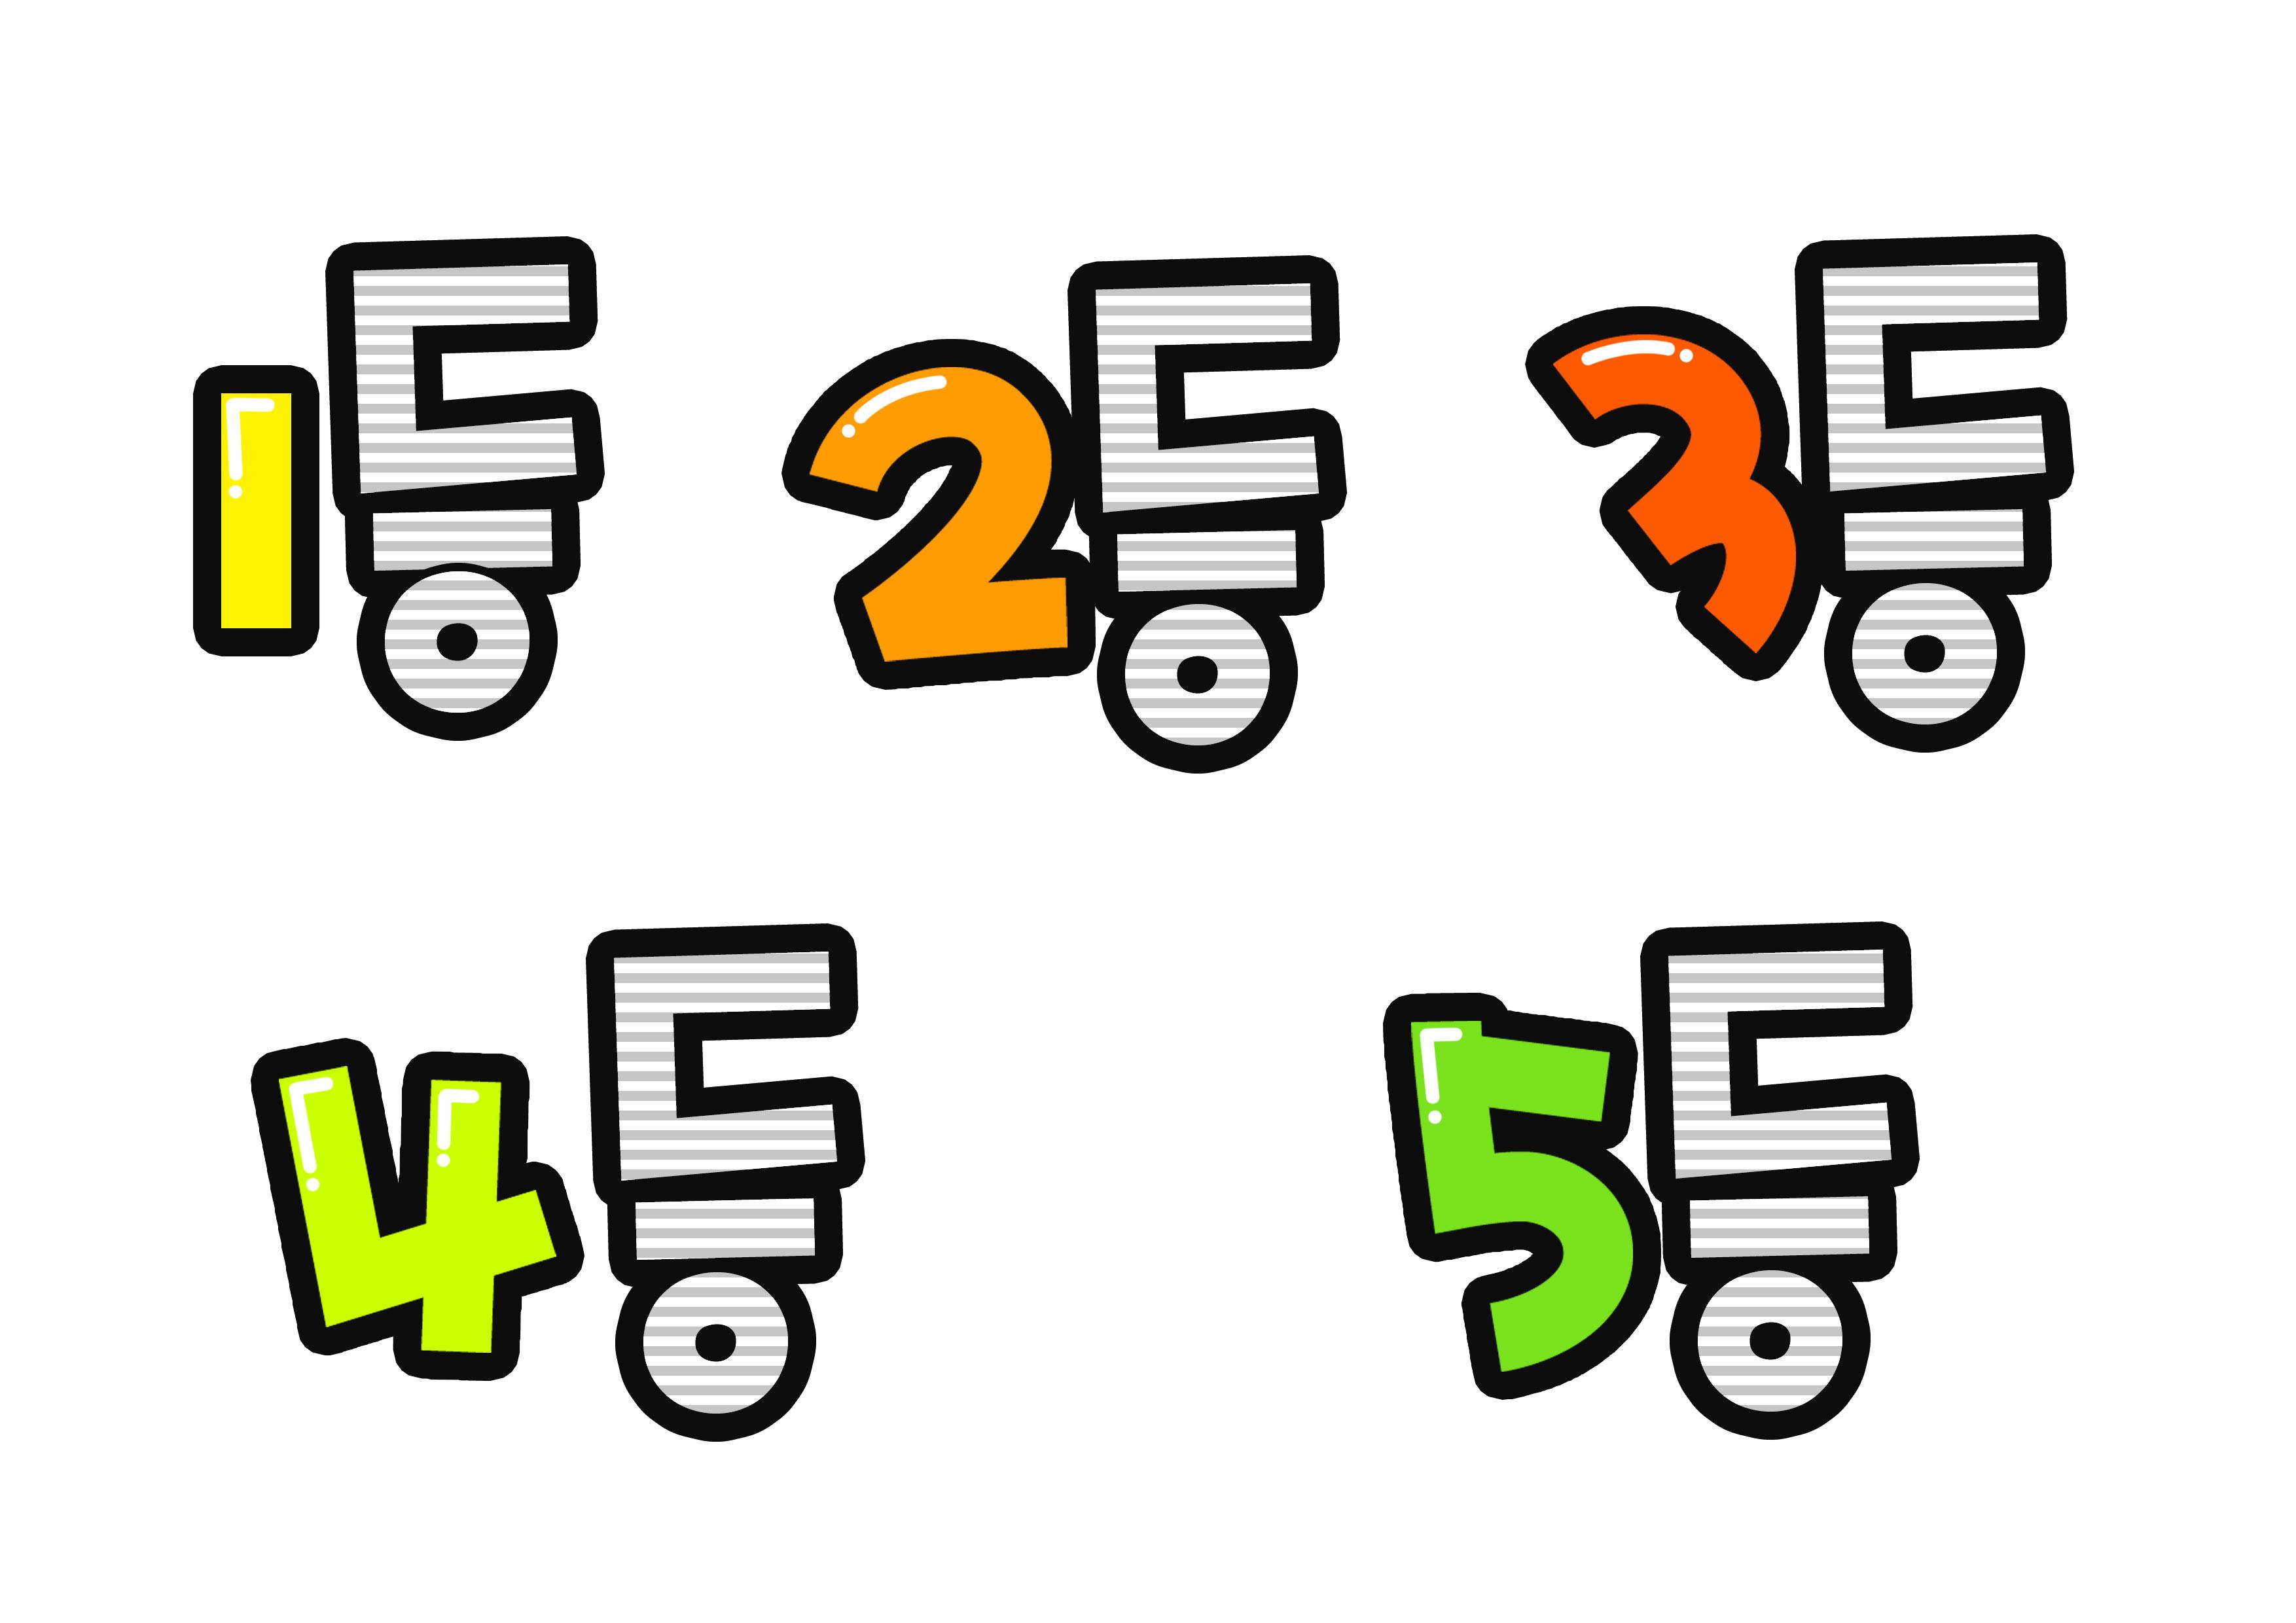 1등, 2등, 3등, 4등, 5등